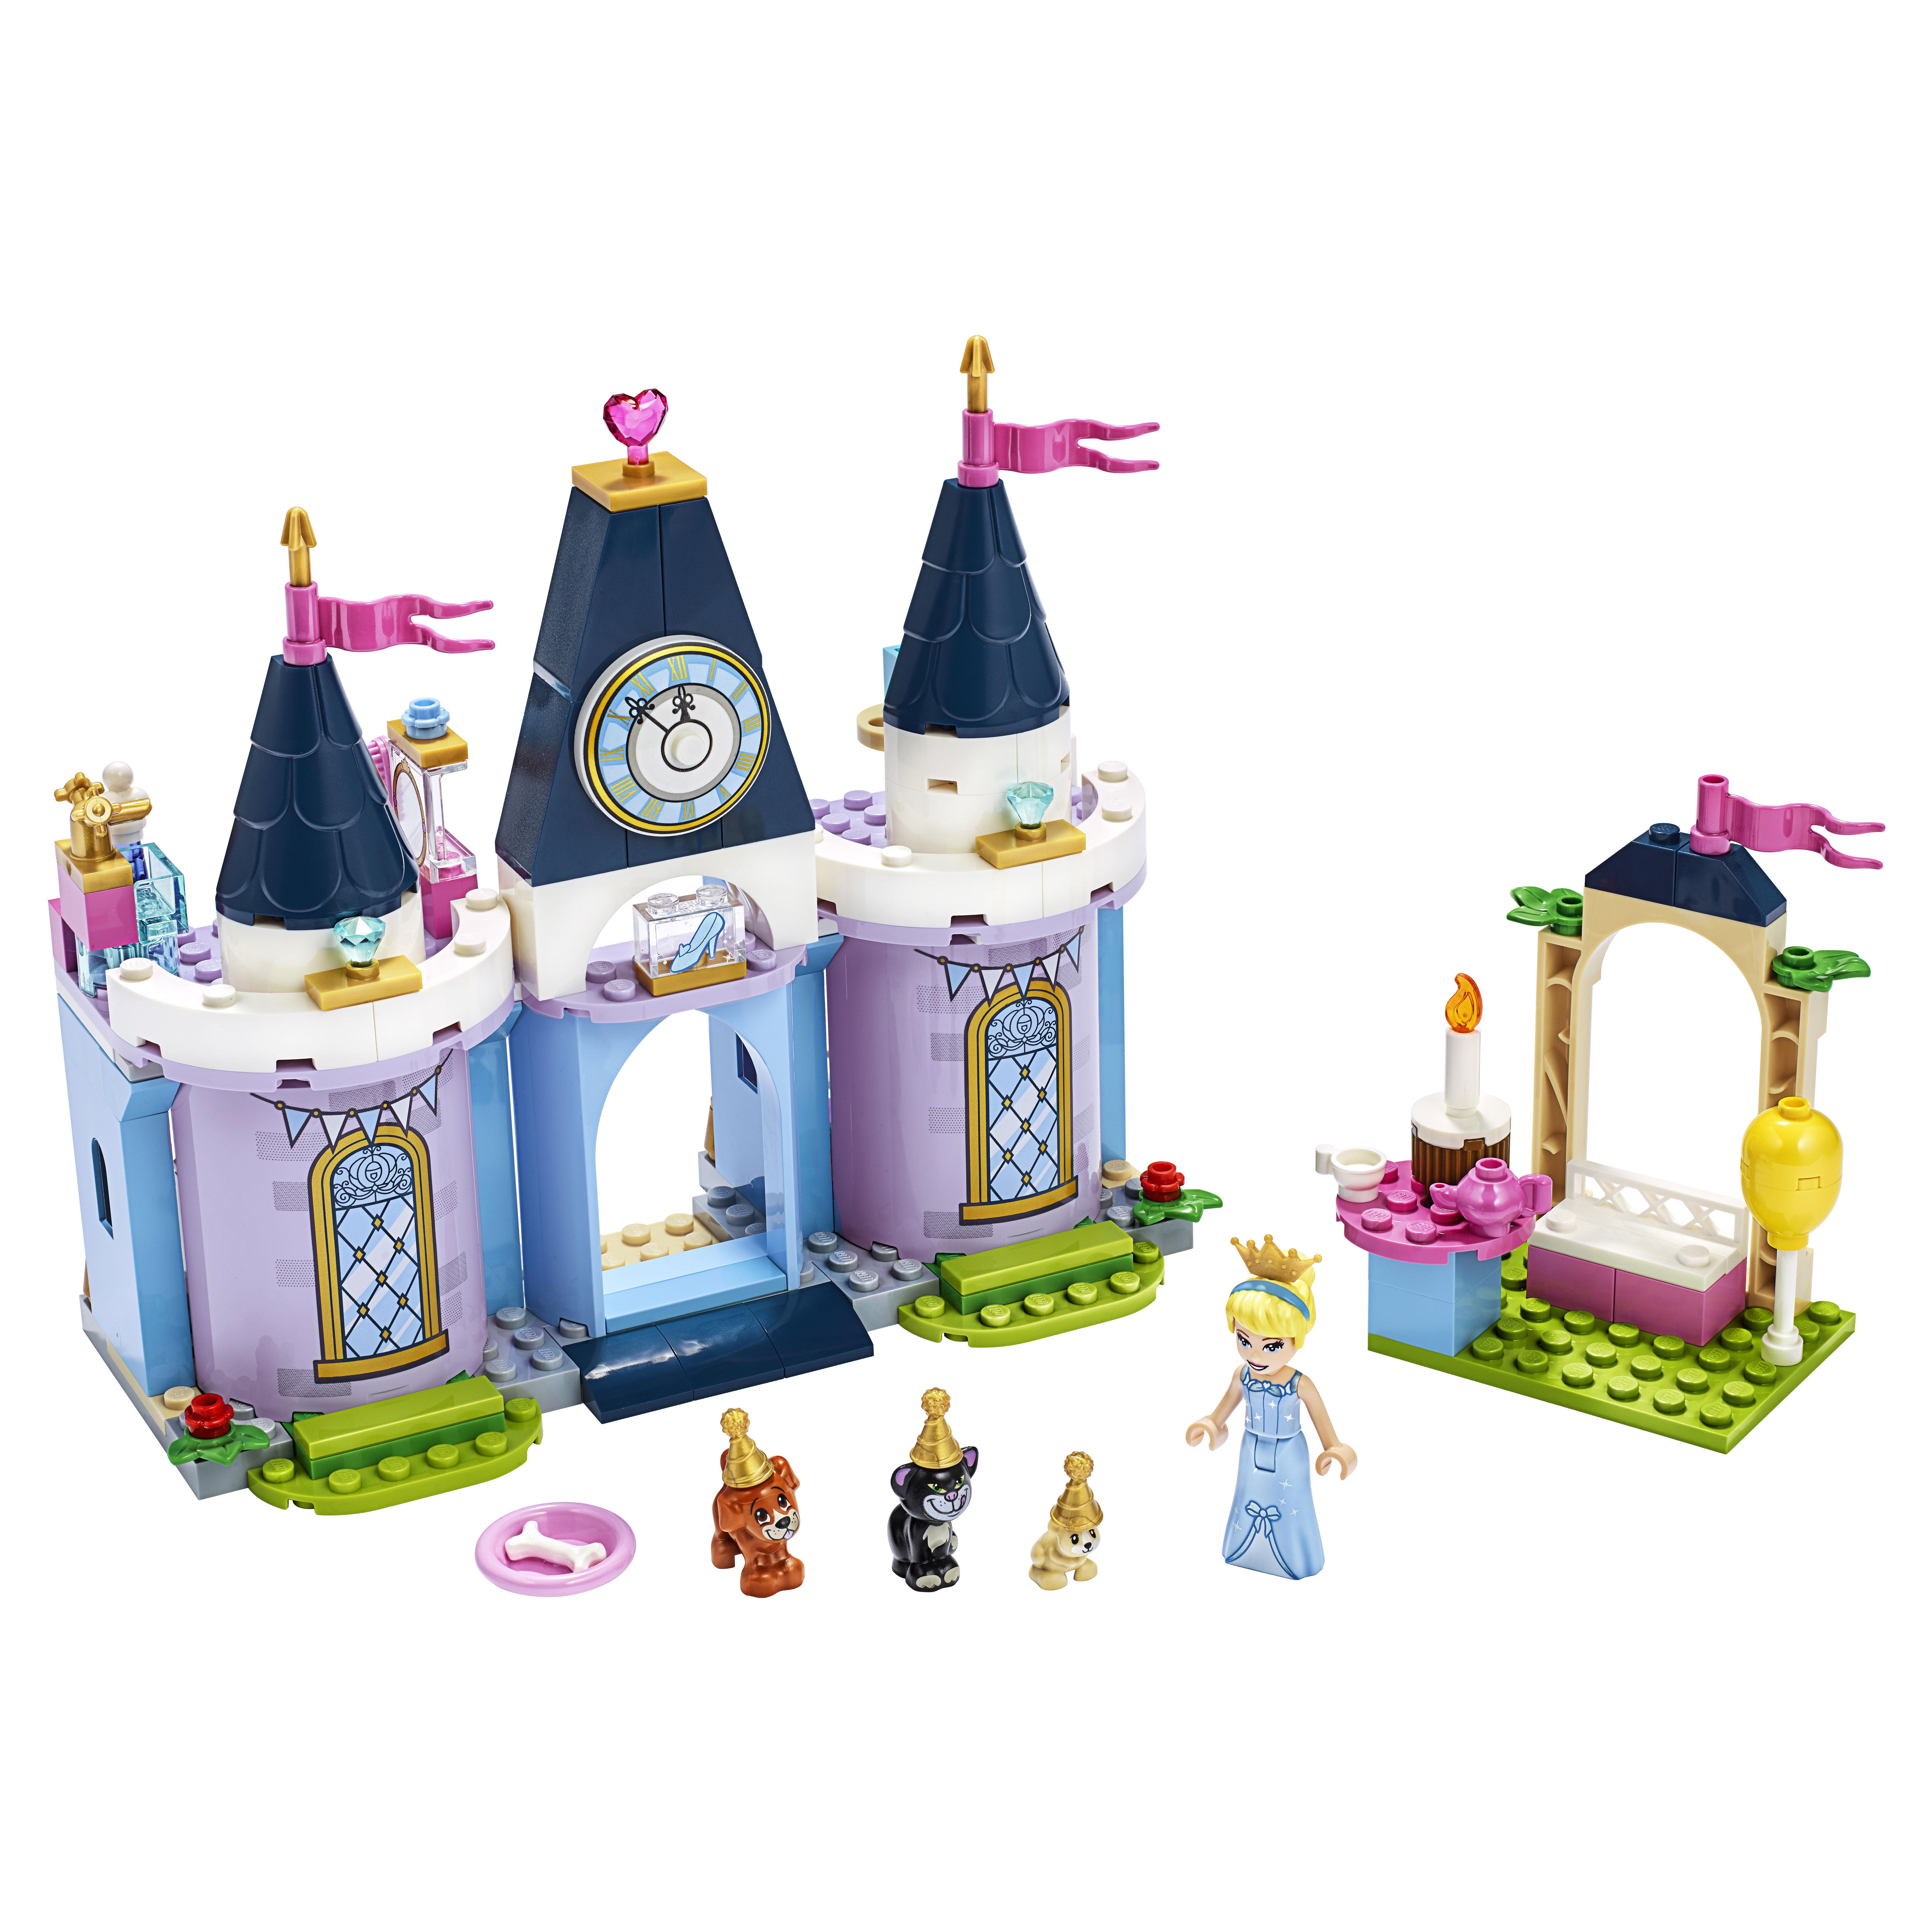 Конструктор LEGO Disney Princess 43178 Праздник в замке Золушки фото